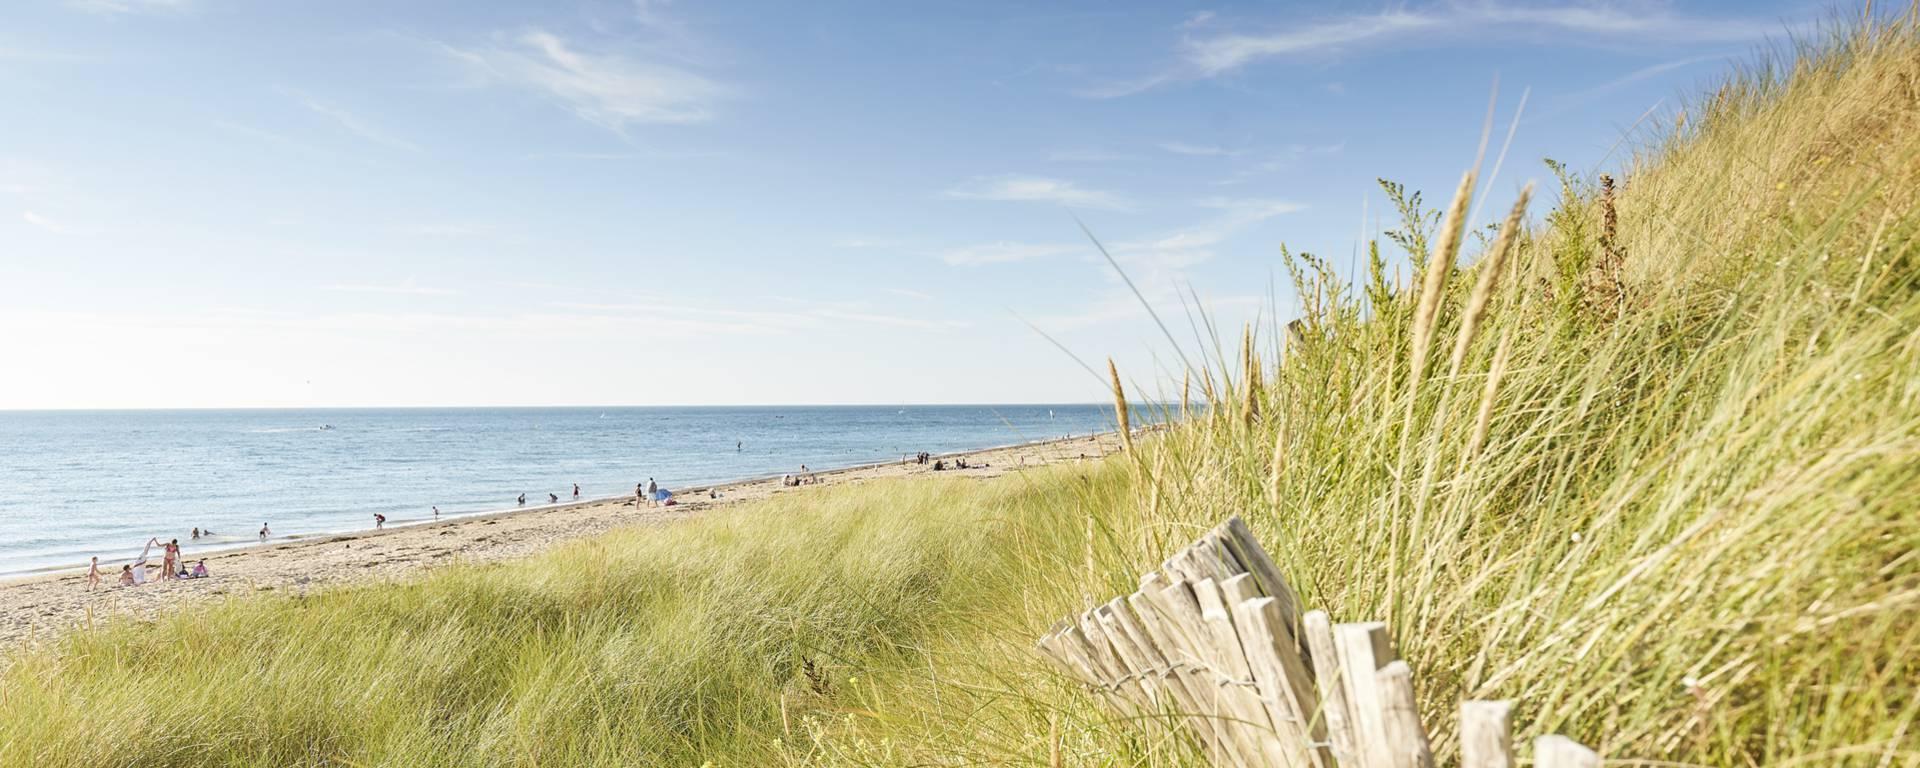 Les dunes de Bréville-sur-Mer constituent un site naturel protégé, entourées de prairies et de paysages bocagers.